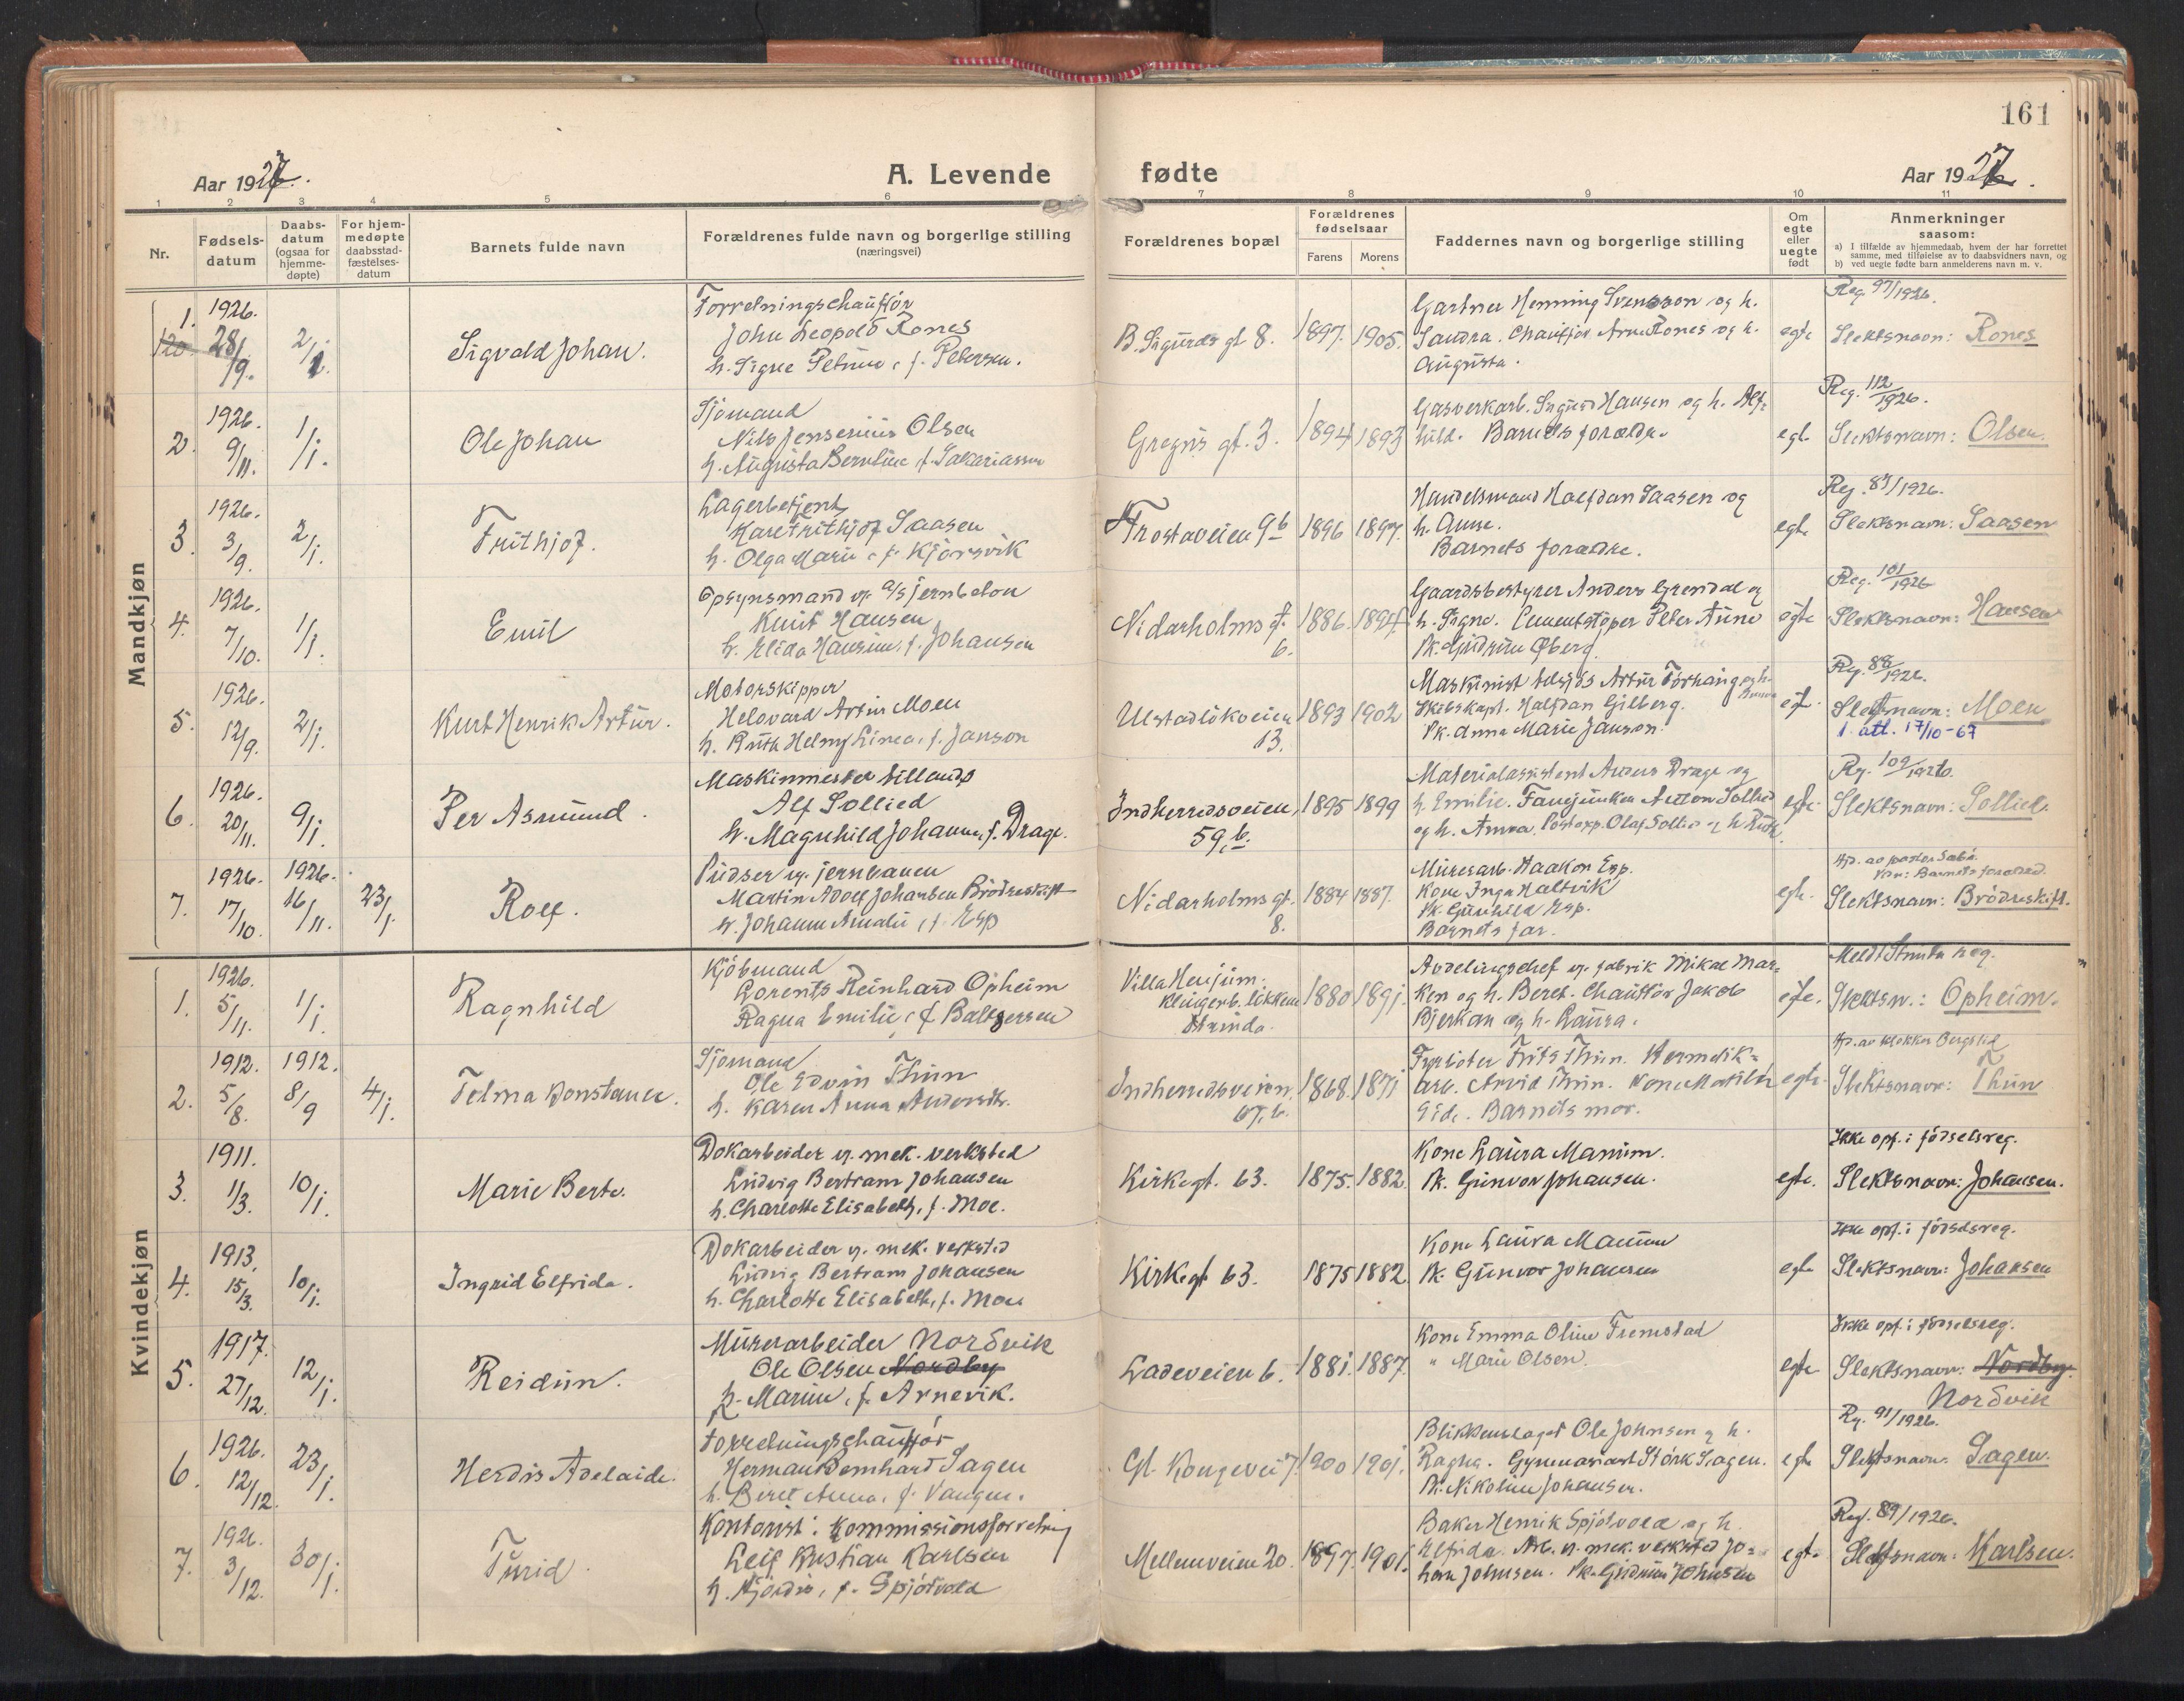 SAT, Ministerialprotokoller, klokkerbøker og fødselsregistre - Sør-Trøndelag, 605/L0248: Ministerialbok nr. 605A10, 1920-1937, s. 161